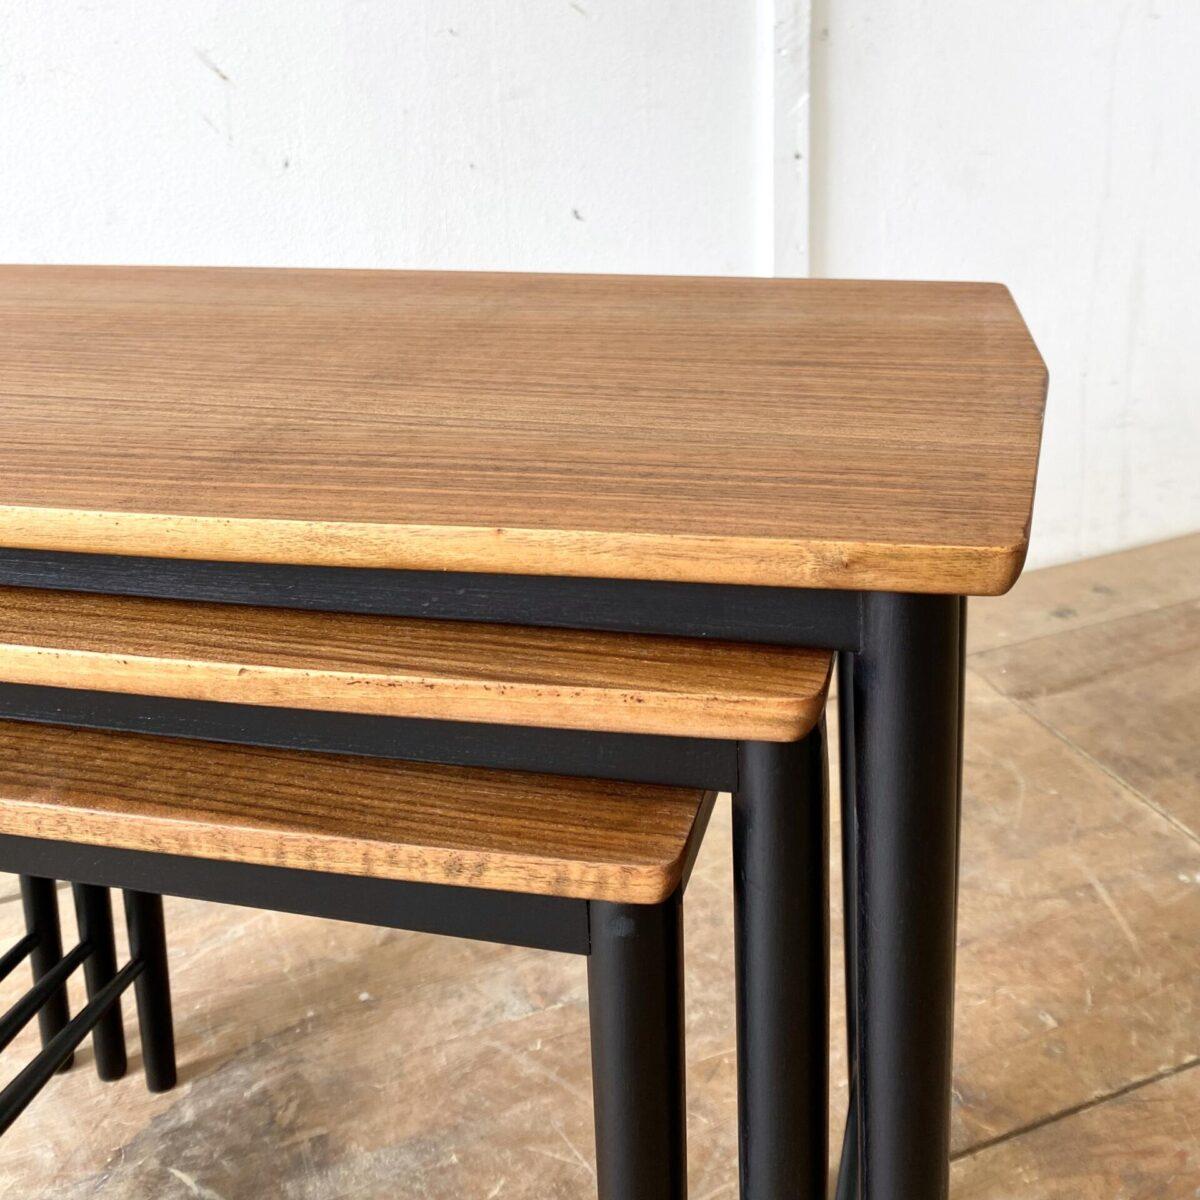 Deuxieme.shop midcentury coffetable Satztische leggera Gio ponti. Set mit 3 Nussbaum Satztischen. 67x40cm Höhe 54cm. Die Tische sind frisch aufbereitet, Holzoberfläche mit Naturöl behandelt. Die Filigranen Holzbeine sind schwarz lackiert. Die Tische lassen sich ineinander Schieben, verteilt als Sofa Beistelltische oder Blumentische.